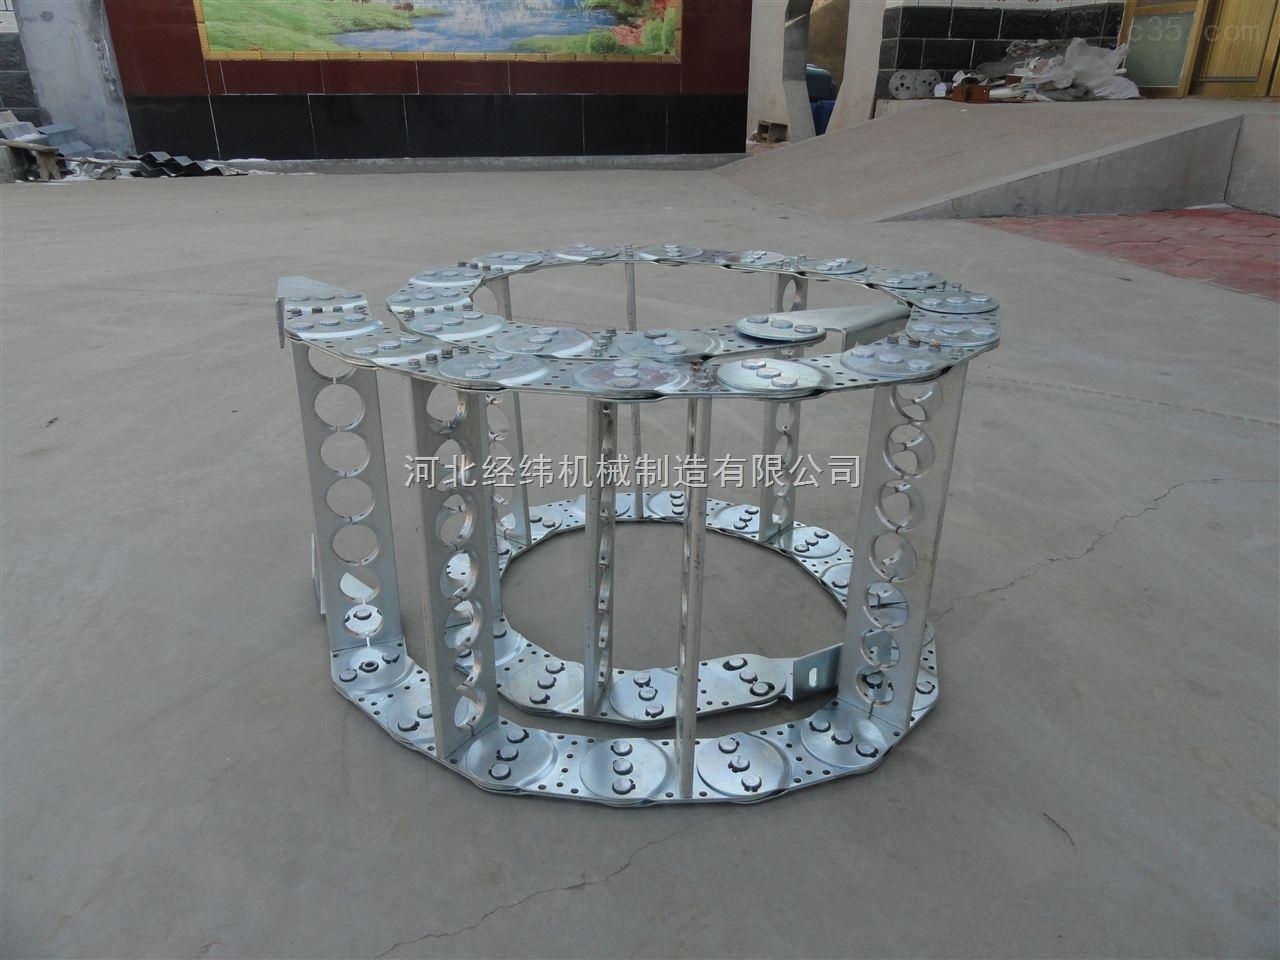 翻转机械钢铝耐磨拖链